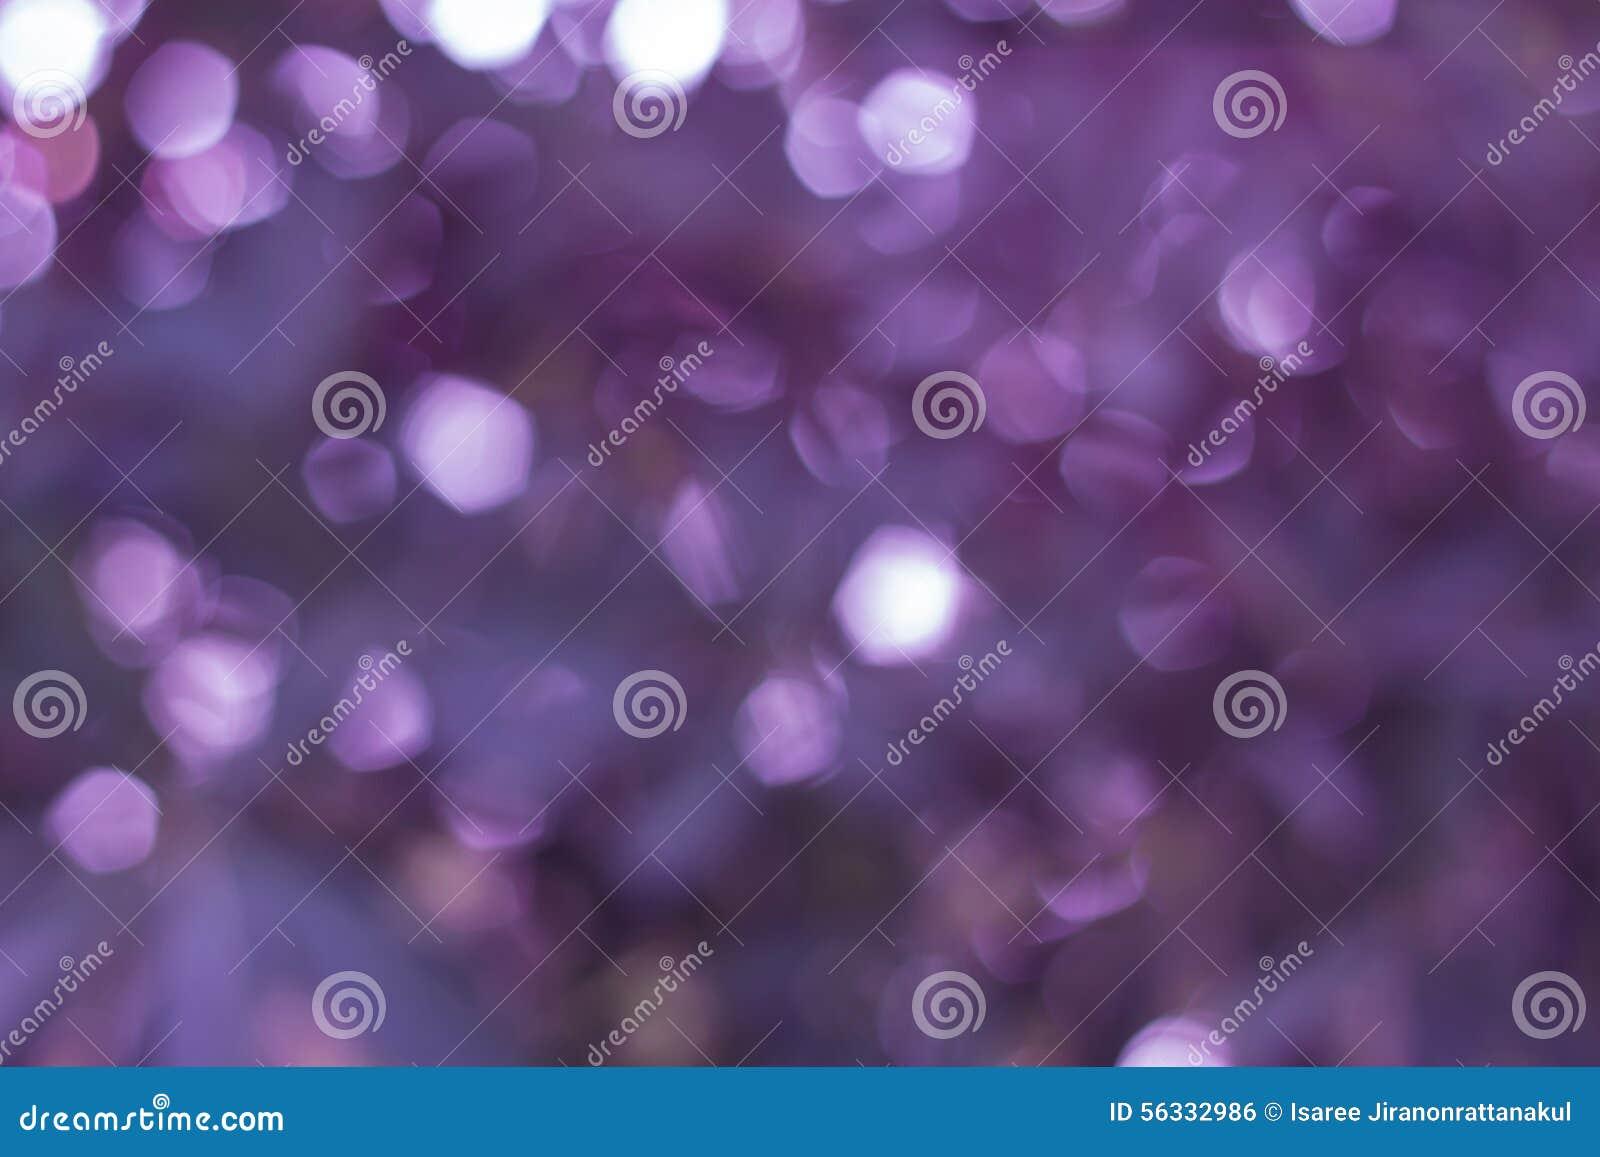 Fondos violetas de la luz del extracto del bokeh, luces borrosas